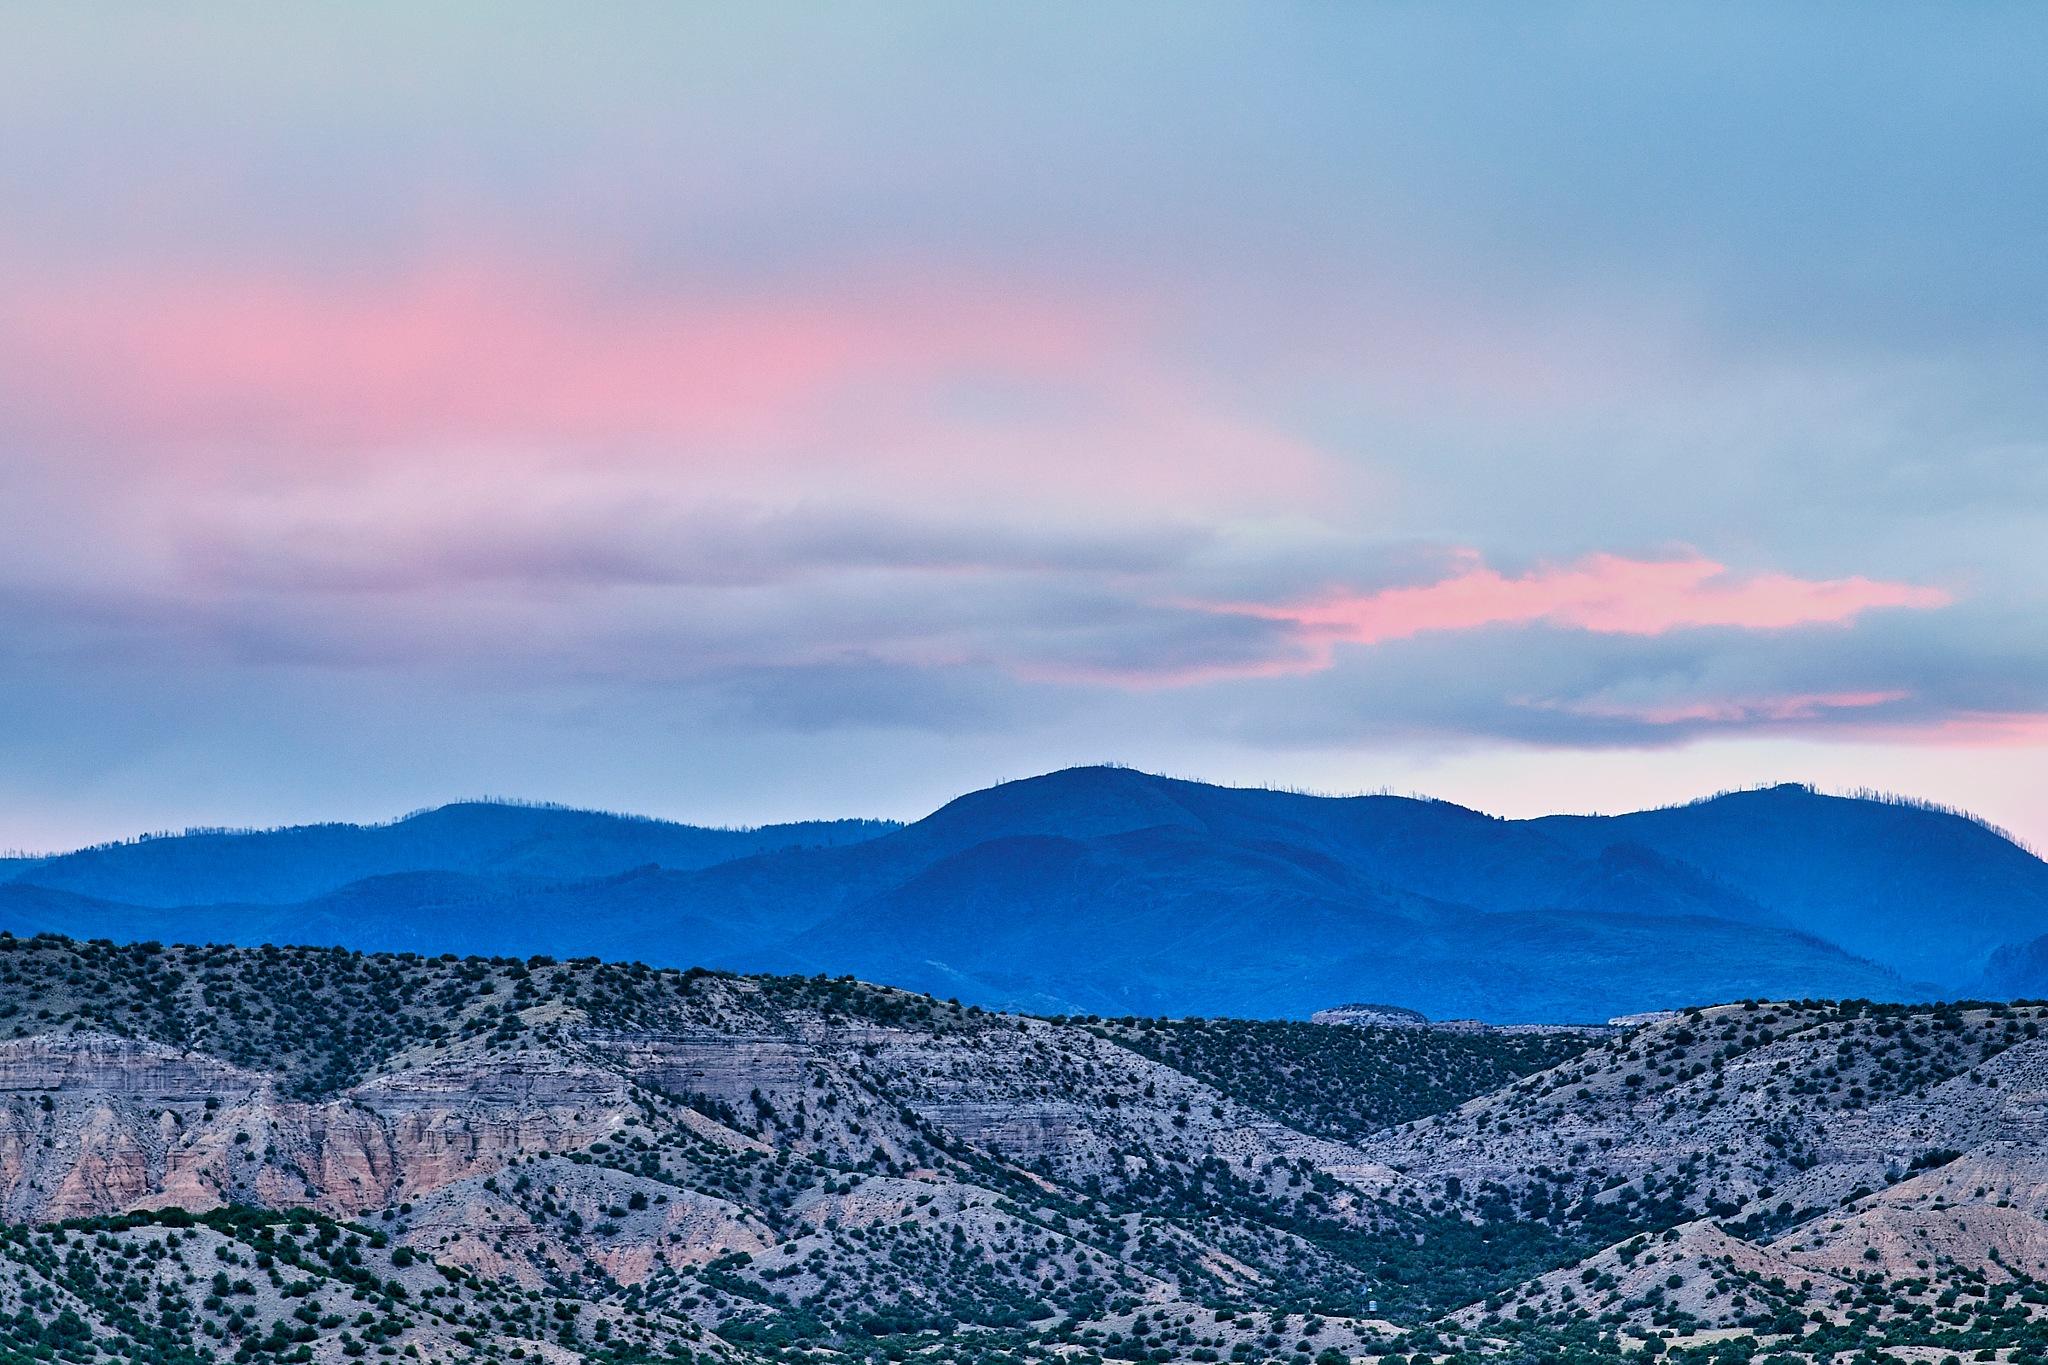 Jemez Mountains by Pierre Liard